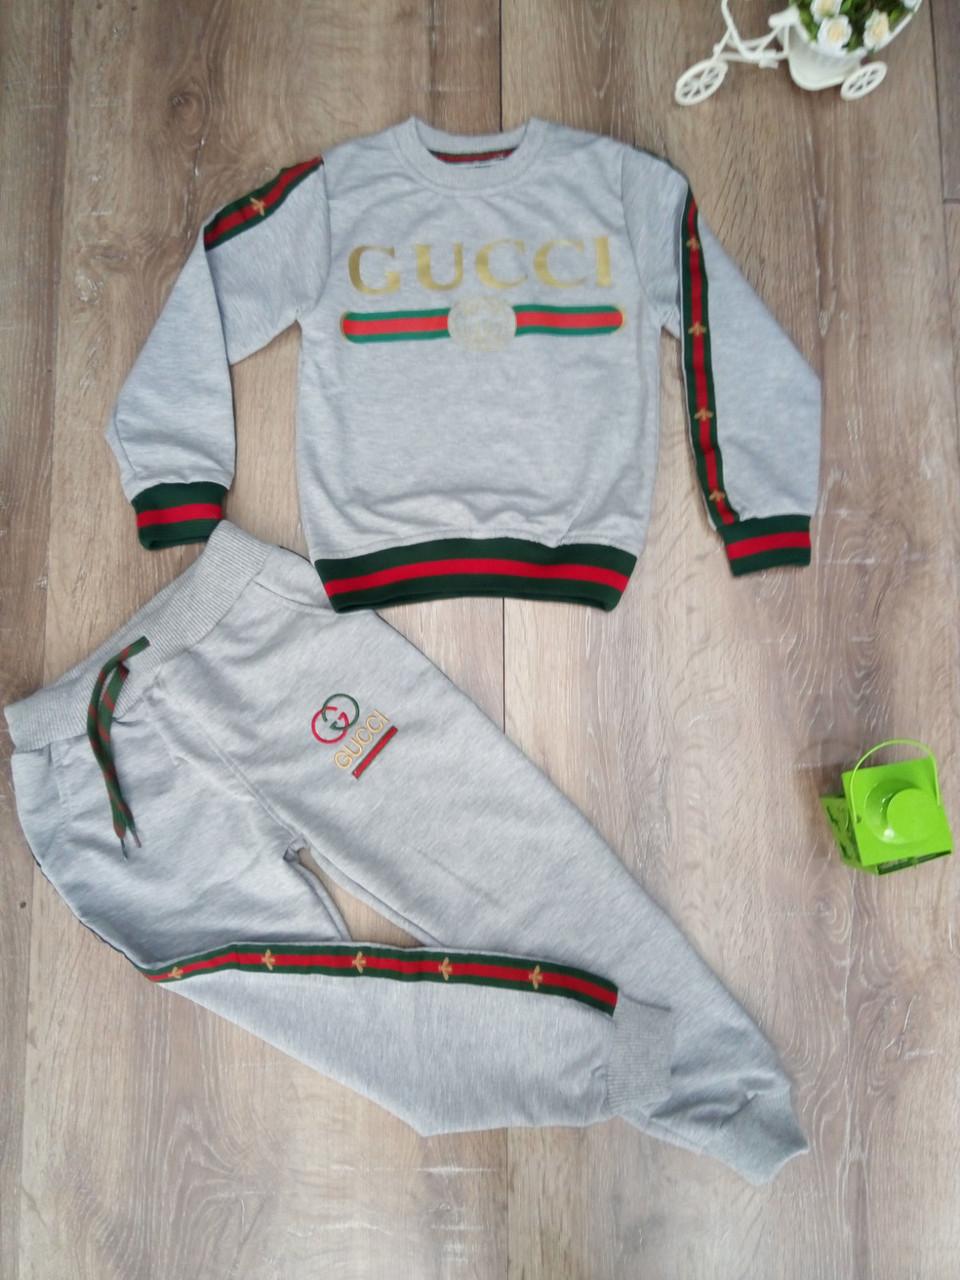 a61c571ff68d Детский костюм Gucci серый, цена 558 грн., купить Дніпро — Prom.ua ...